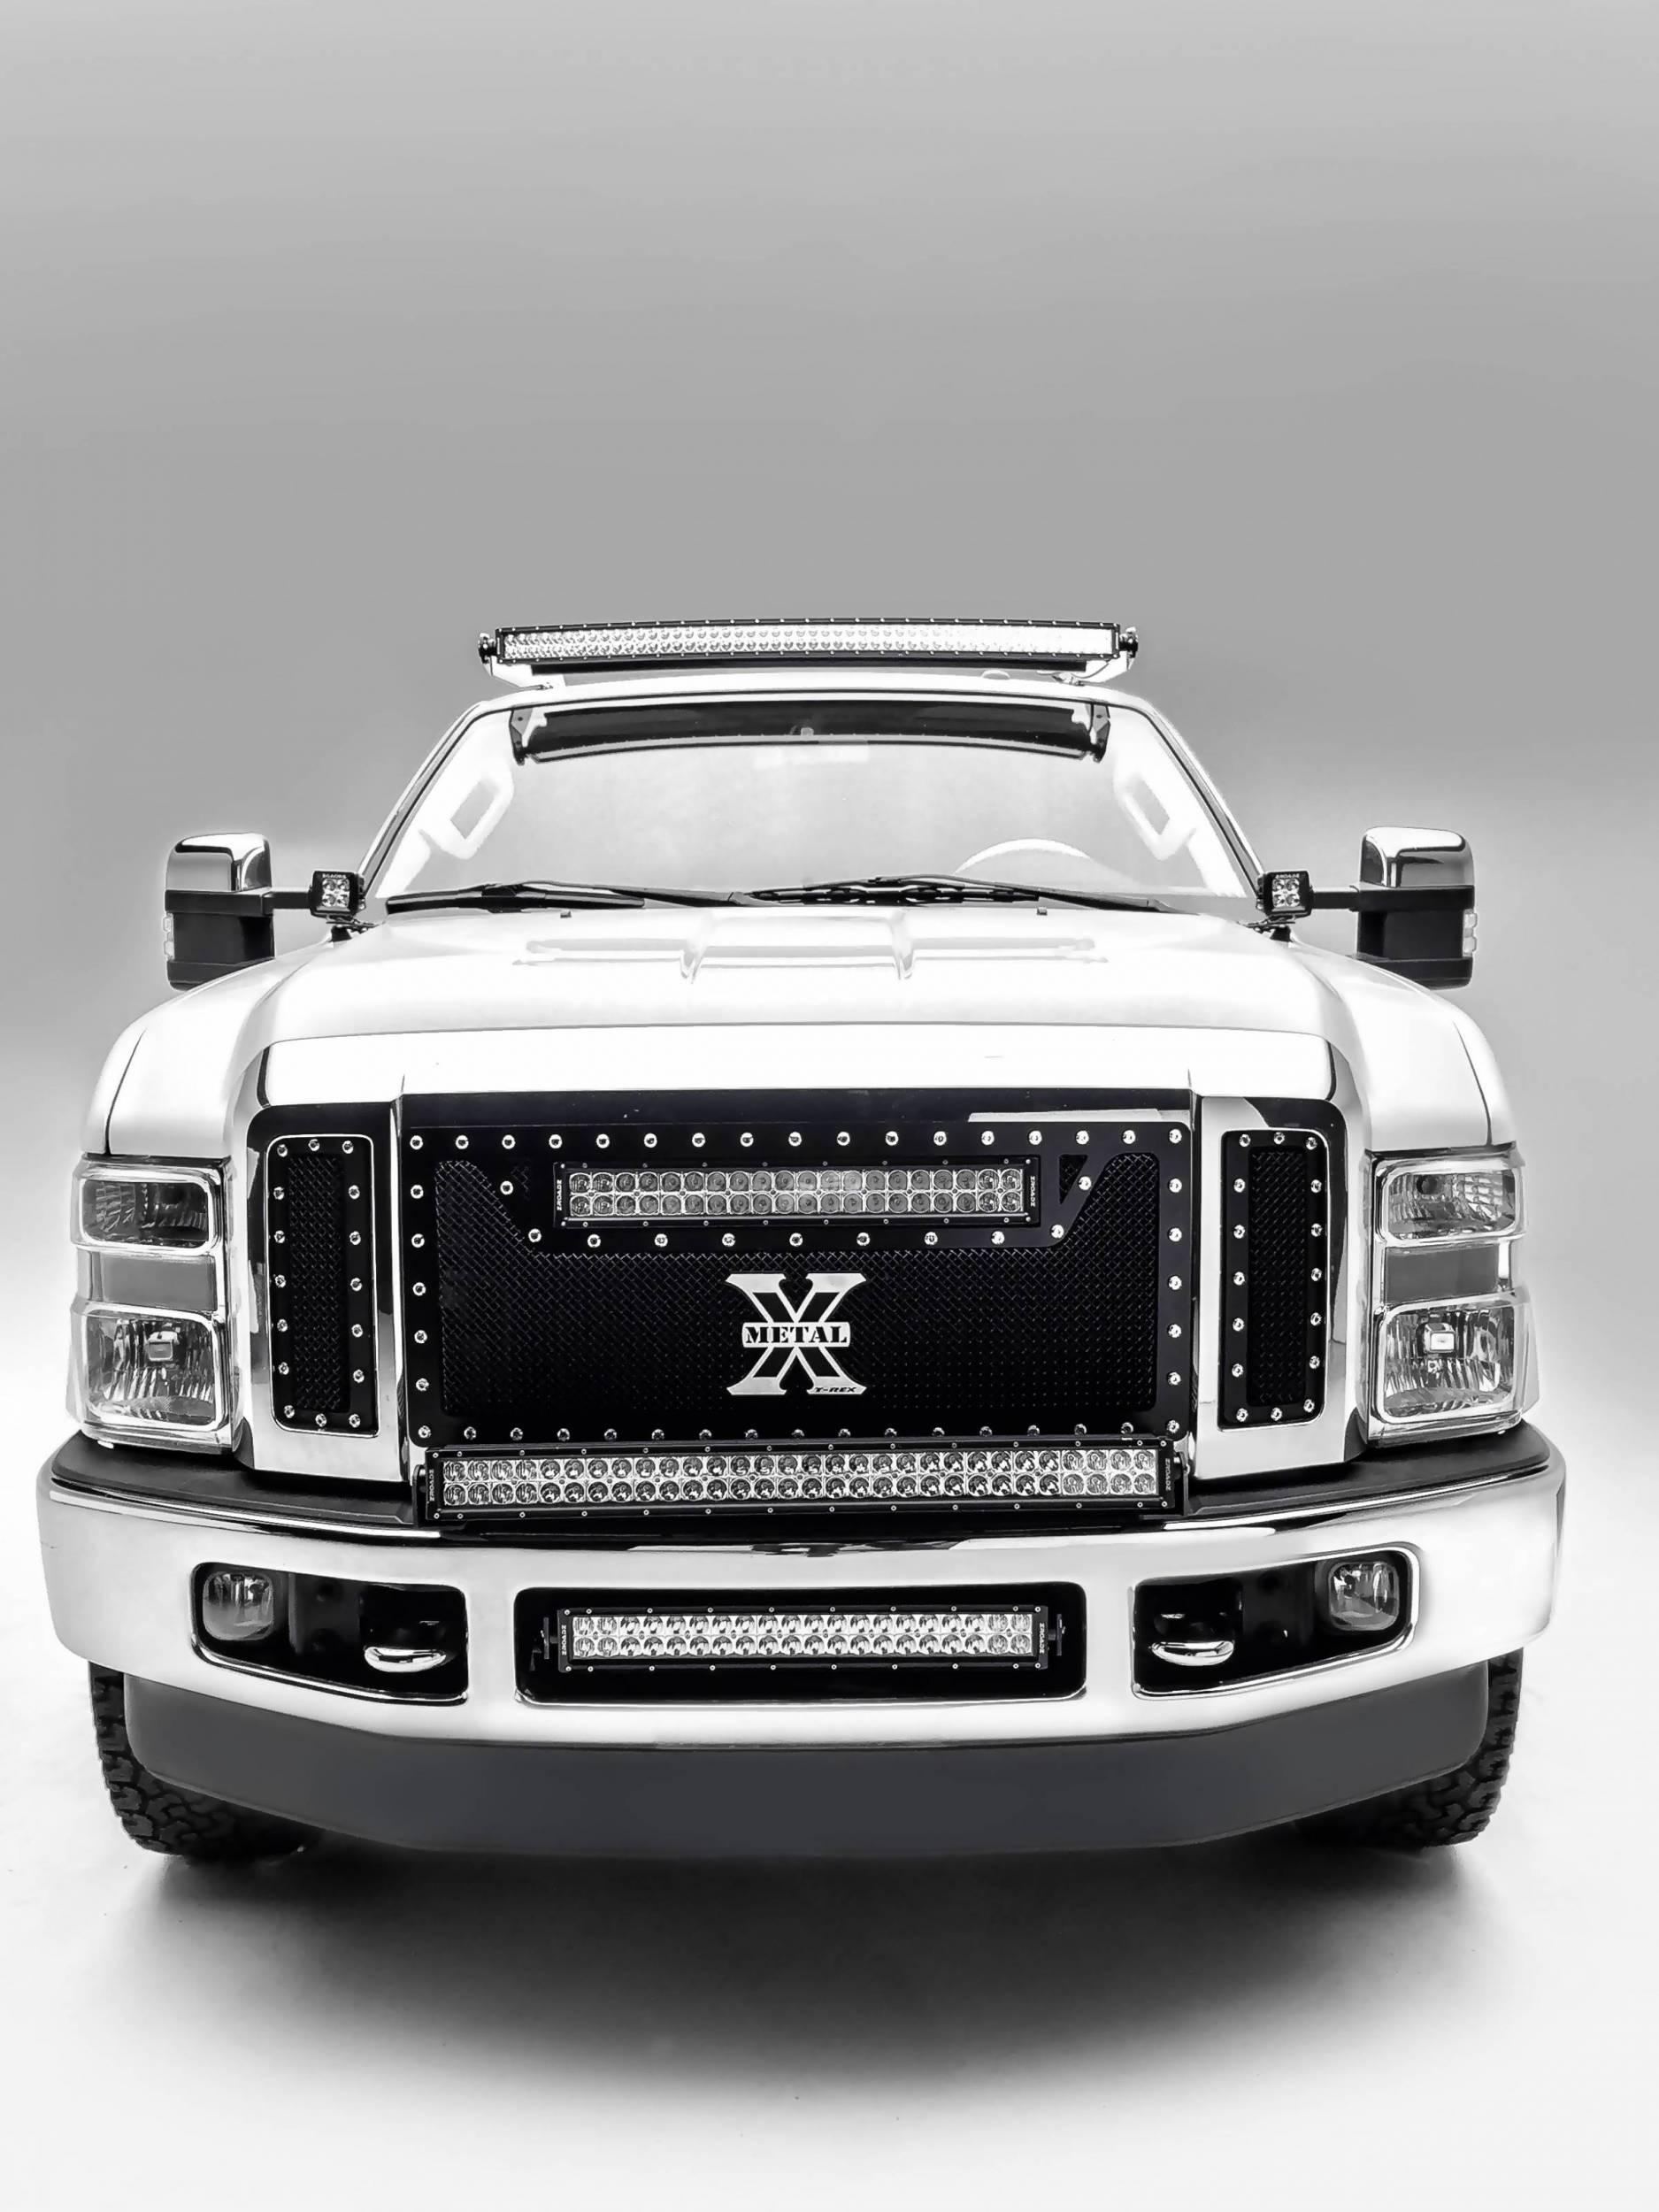 2008-2010 Ford Super Duty Hood Hinge LED Bracket to mount (2) 3 Inch LED Pod Lights - PN #Z365631